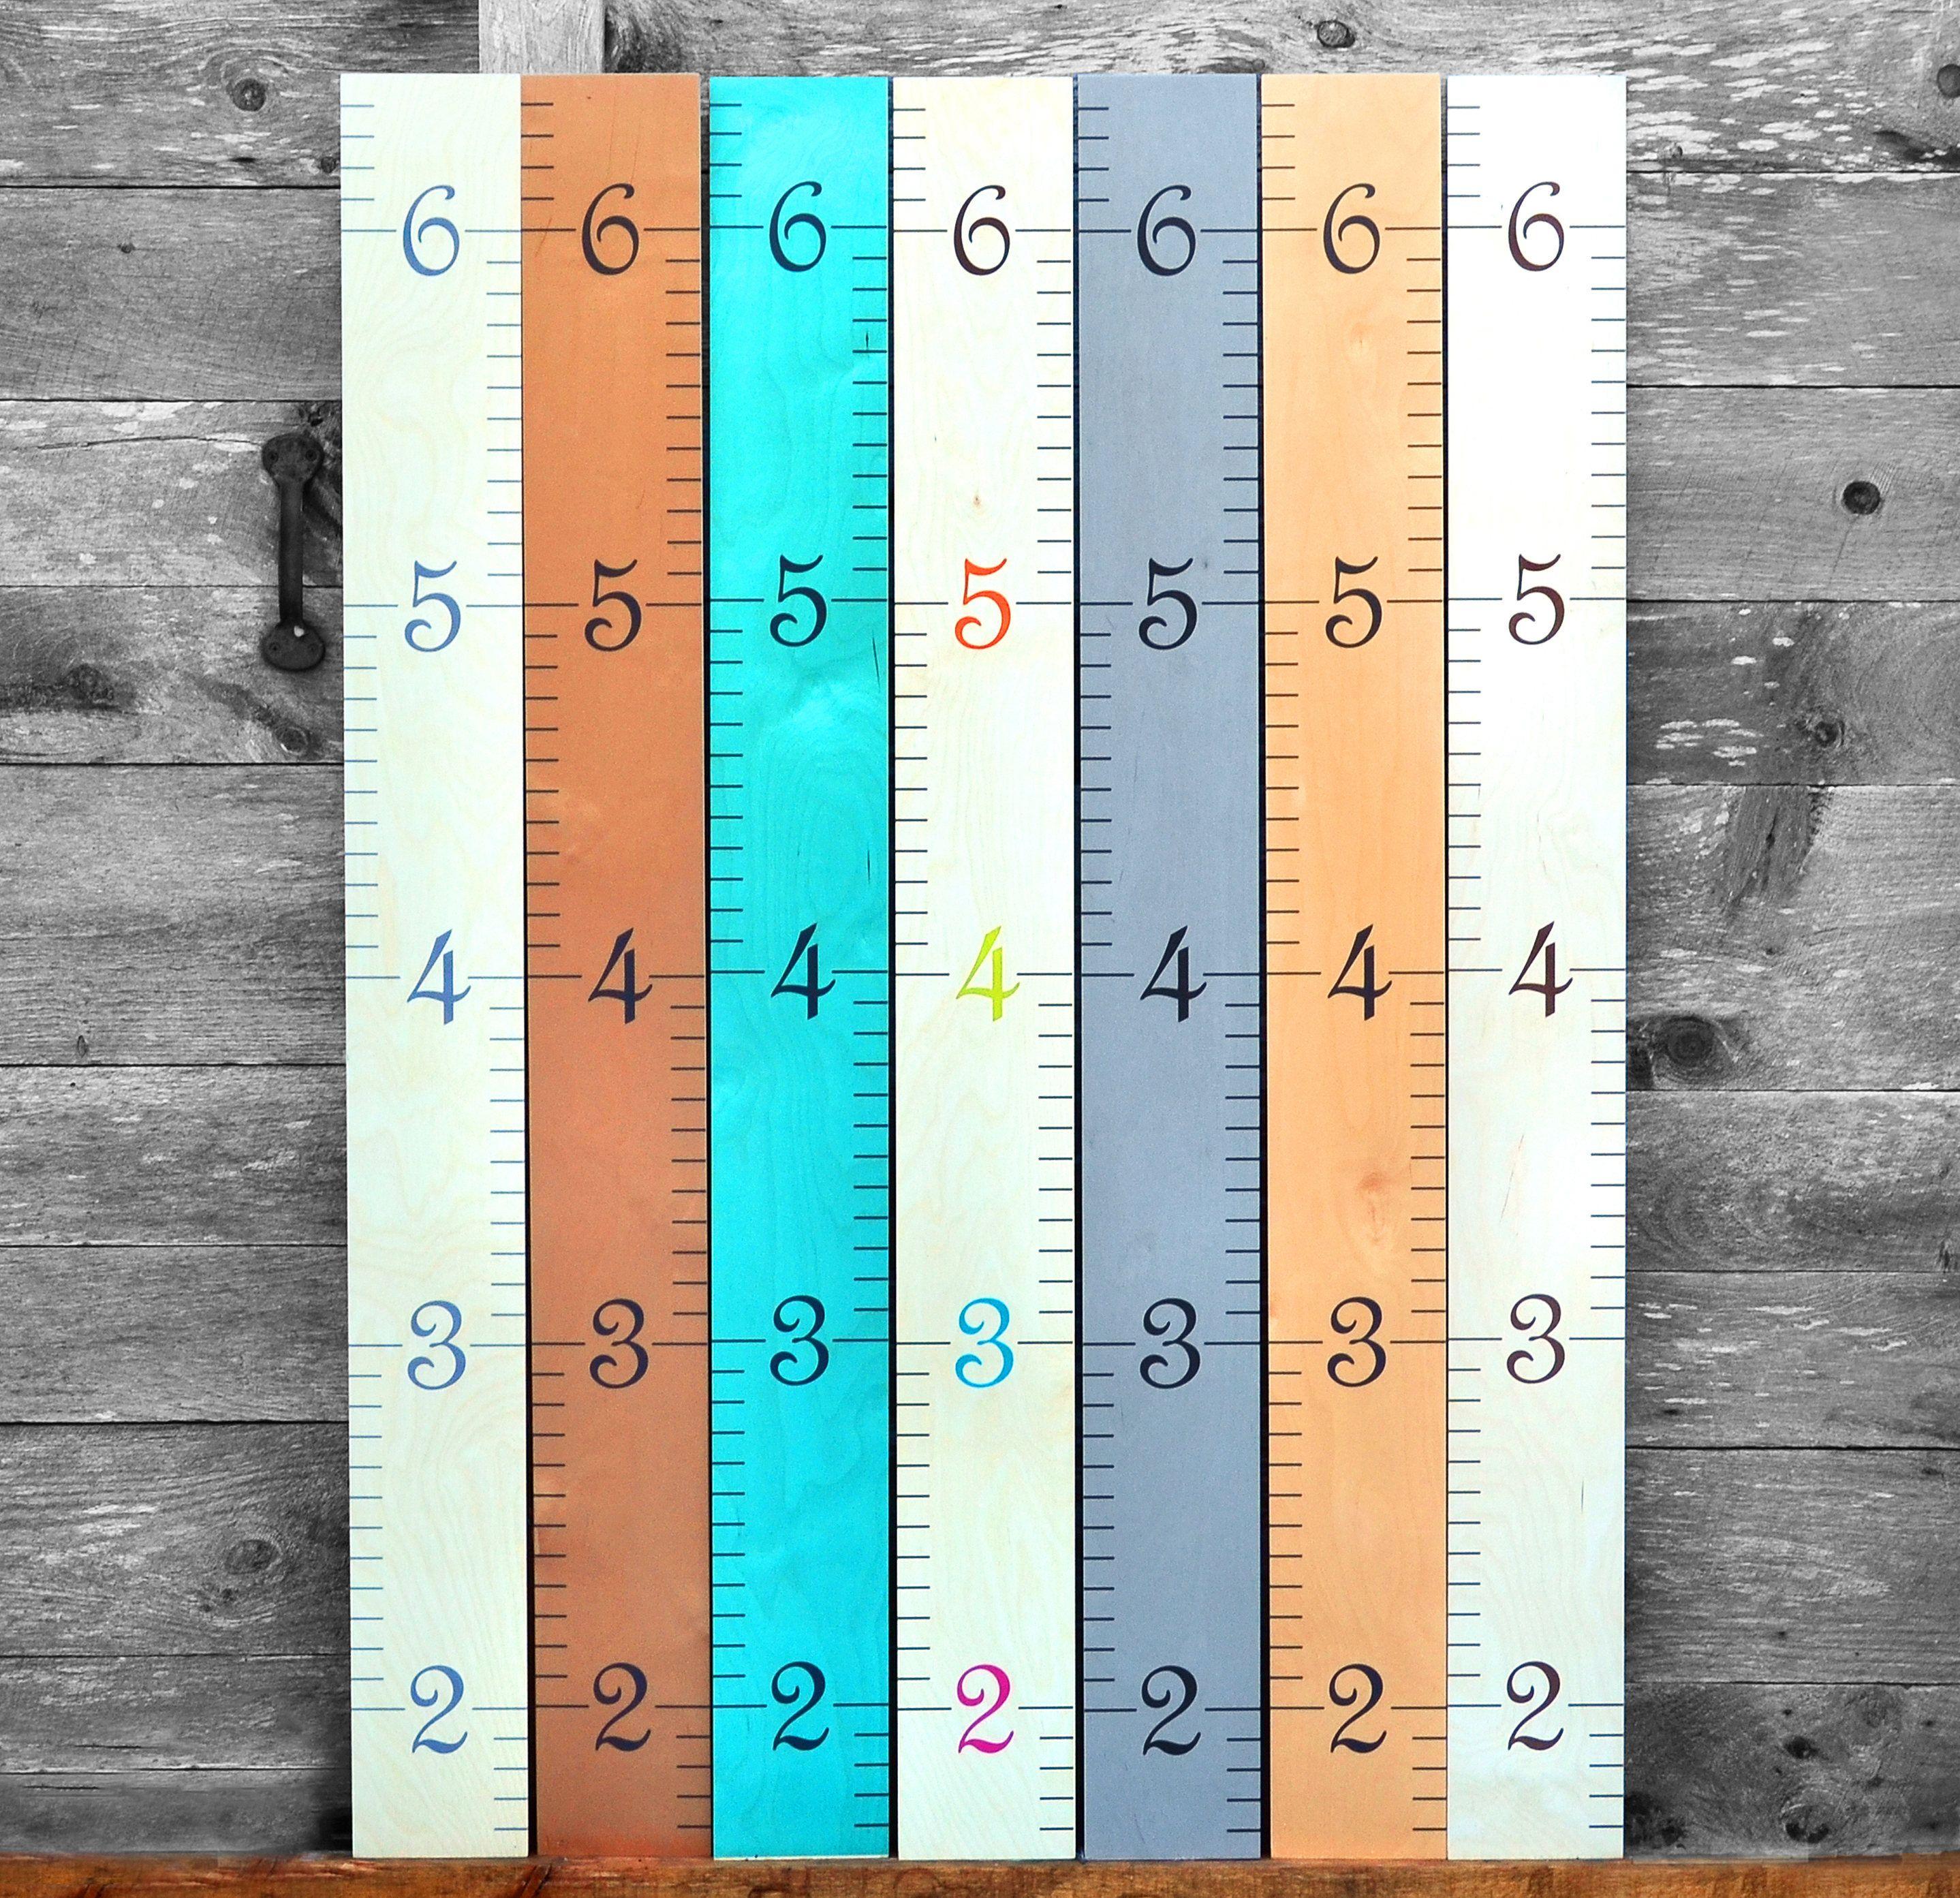 Wooden ruler growth chart kids wood height chart personalized wooden ruler growth chart kids wood height chart personalized child wall hanging ruler geenschuldenfo Gallery